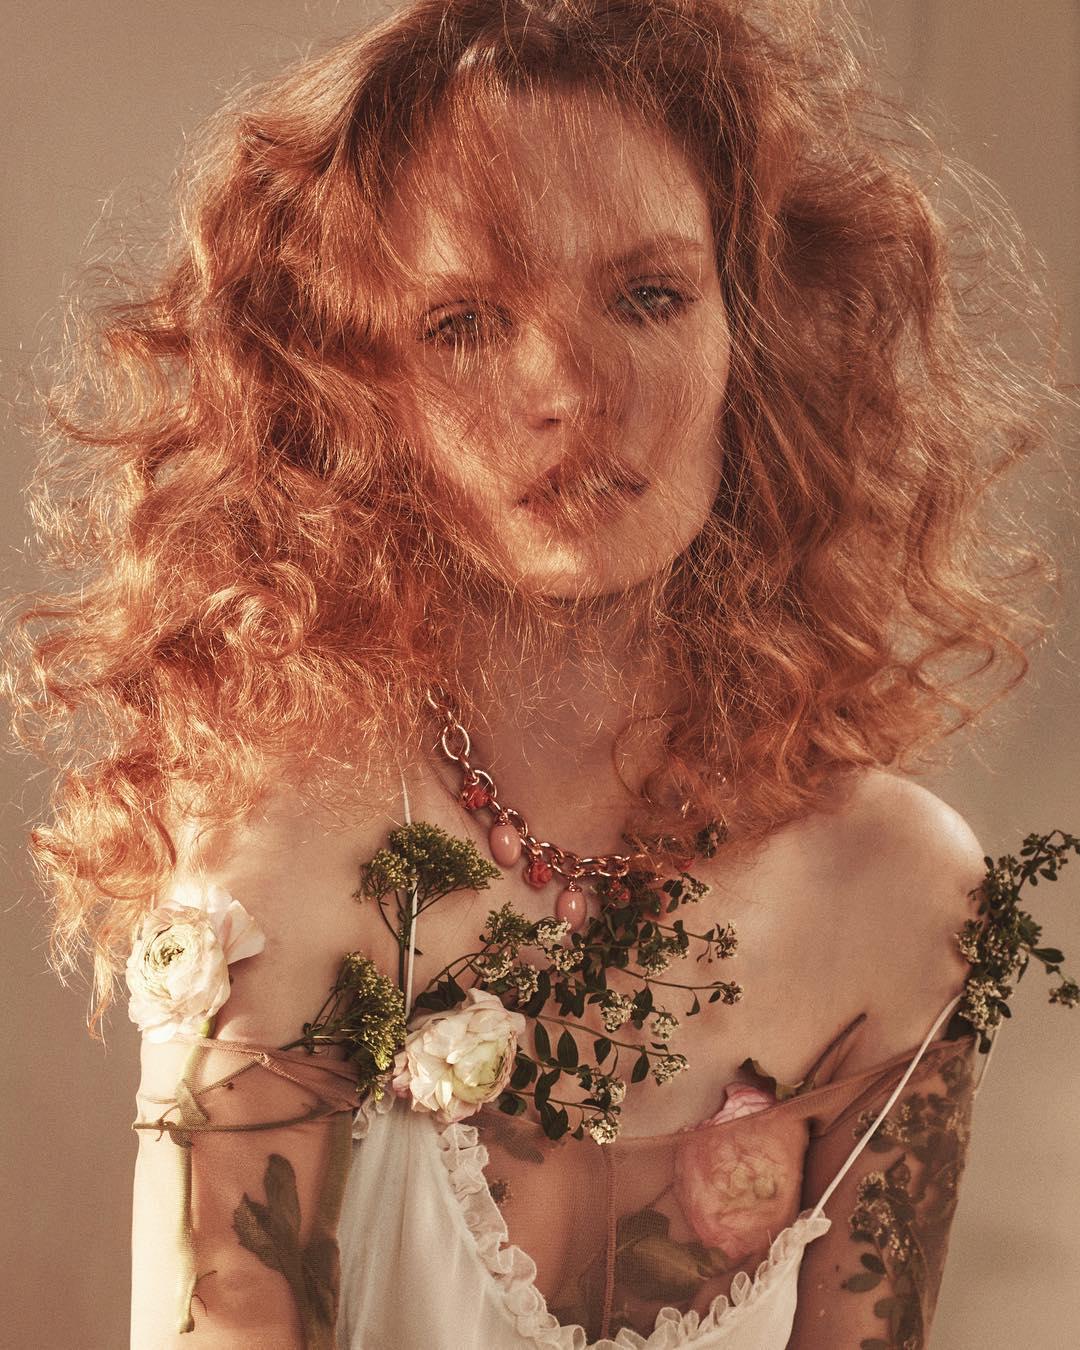 Luisa Bianchin by Nima Benati